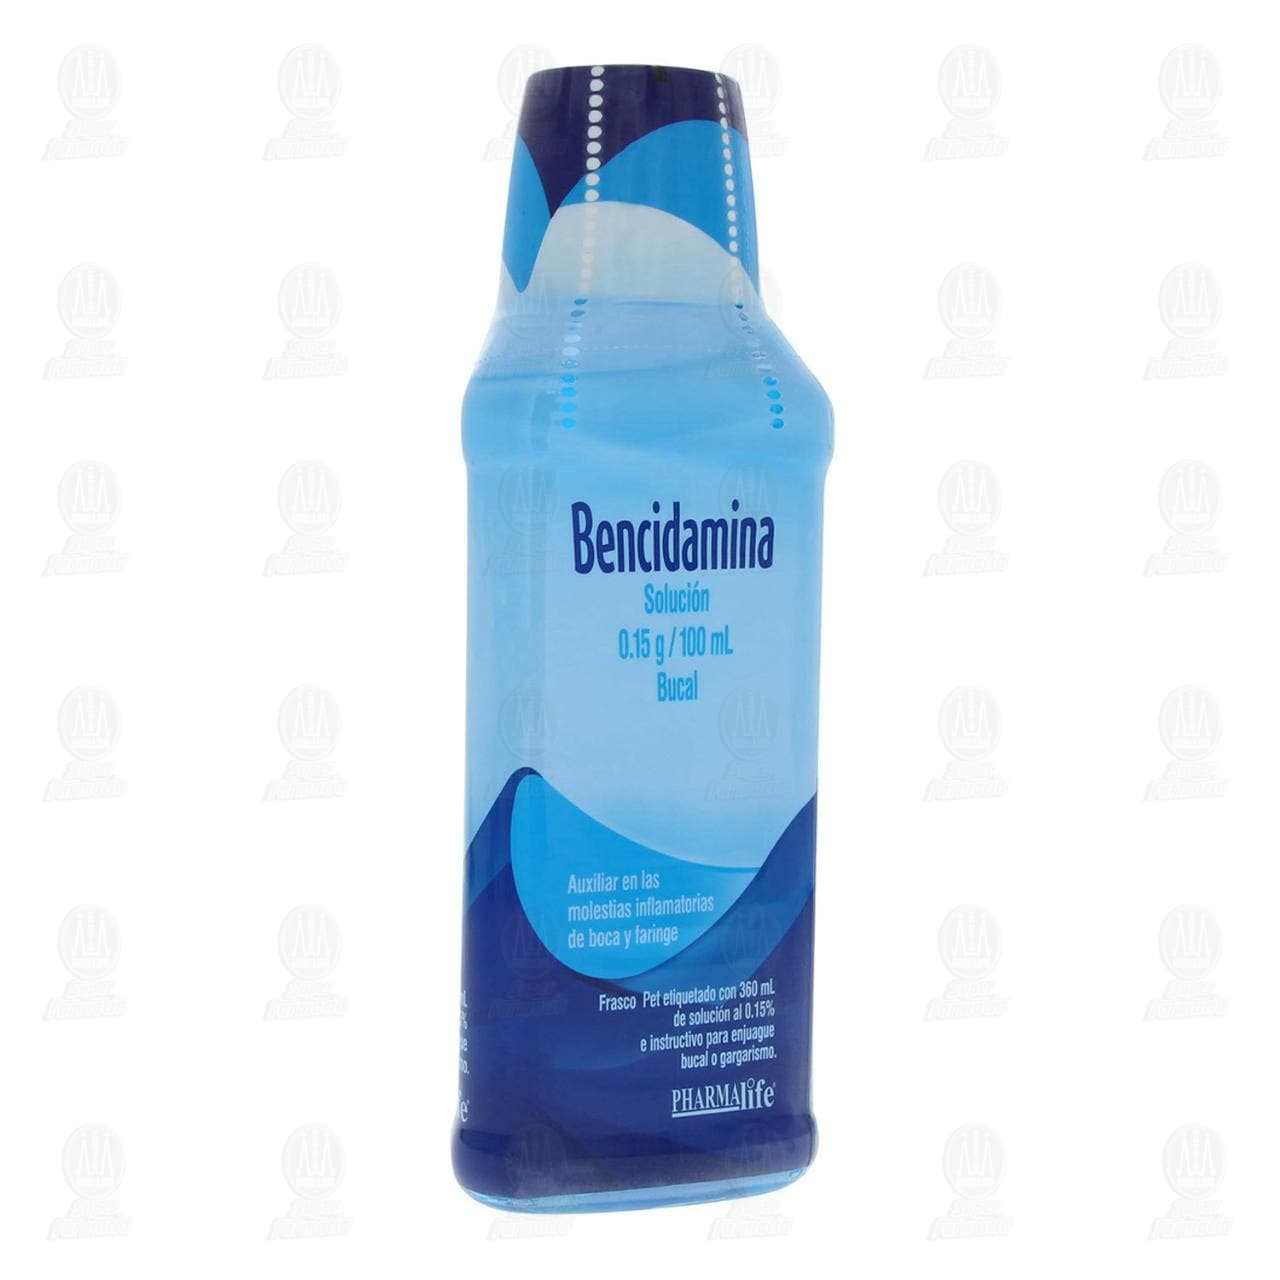 Comprar Bencidamina 0.15g/100ml Solución Bucal 360ml en Farmacias Guadalajara